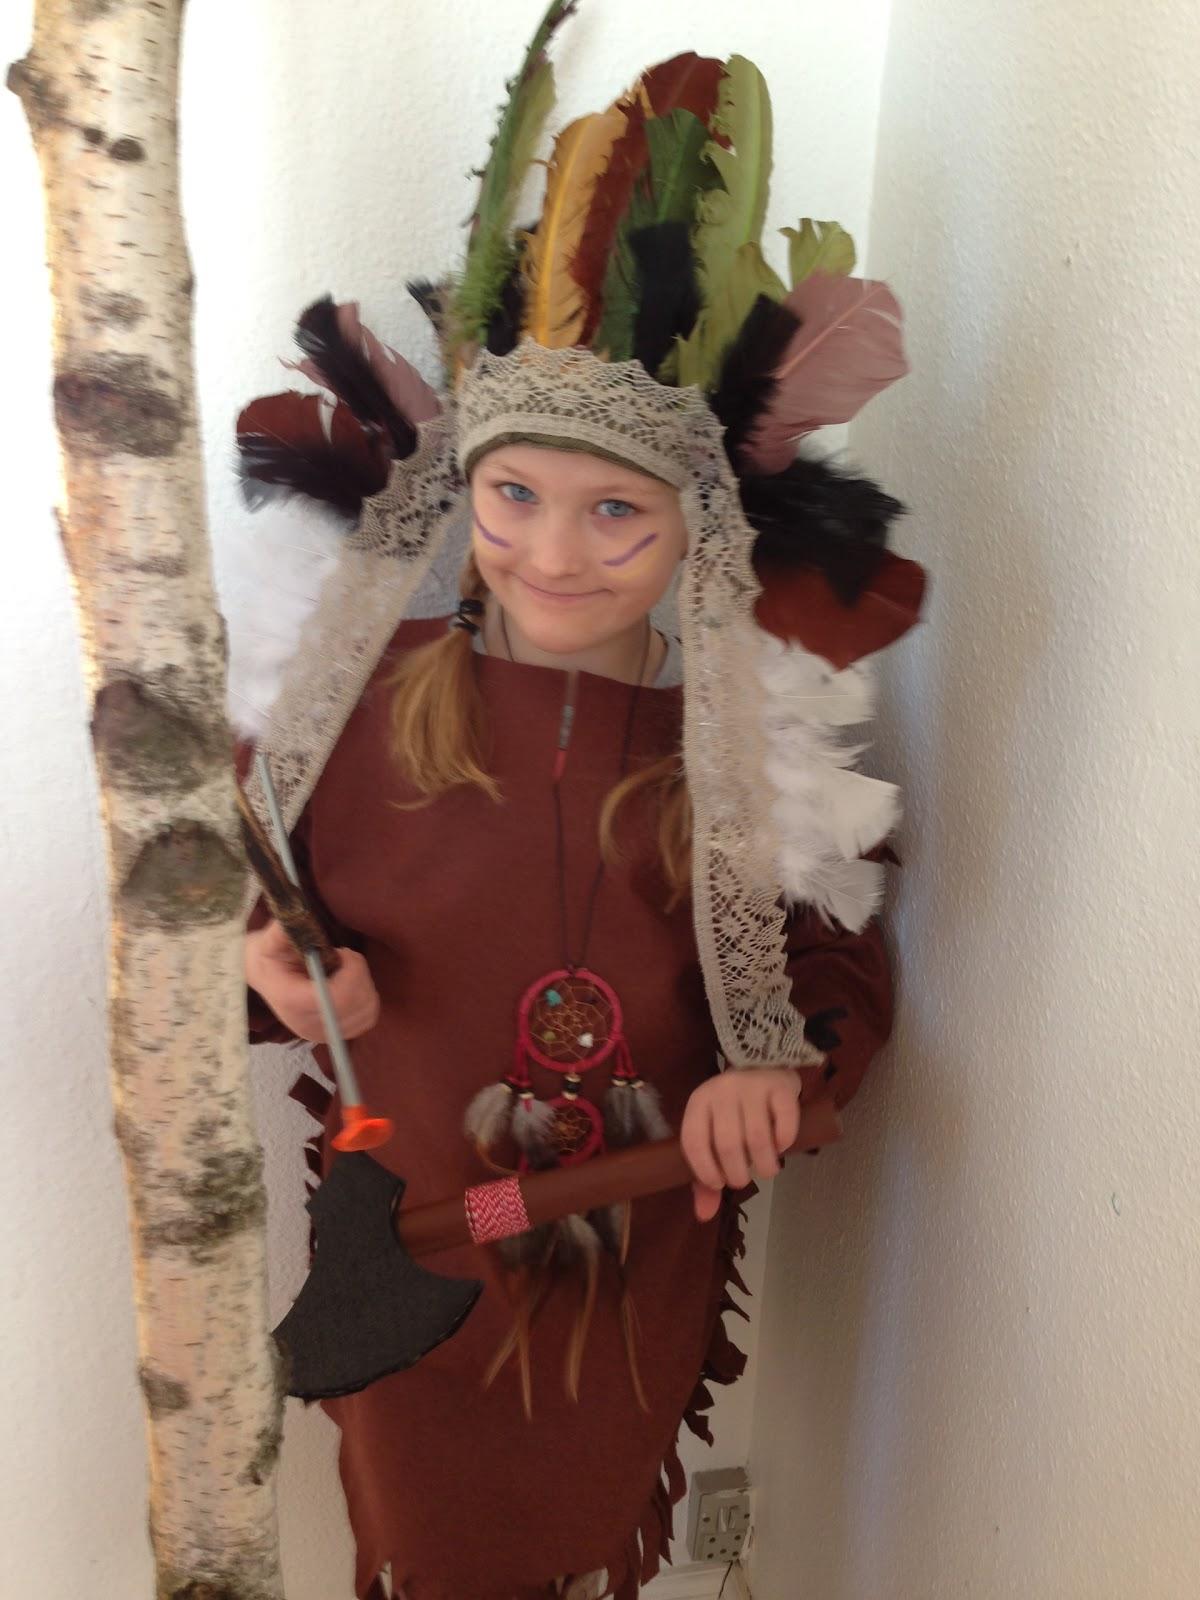 #A43527 Bedst HomeMaid: Gør Det Selv Indianer Kostume (Video) Gør Det Selv Kostumer 5623 120016005623